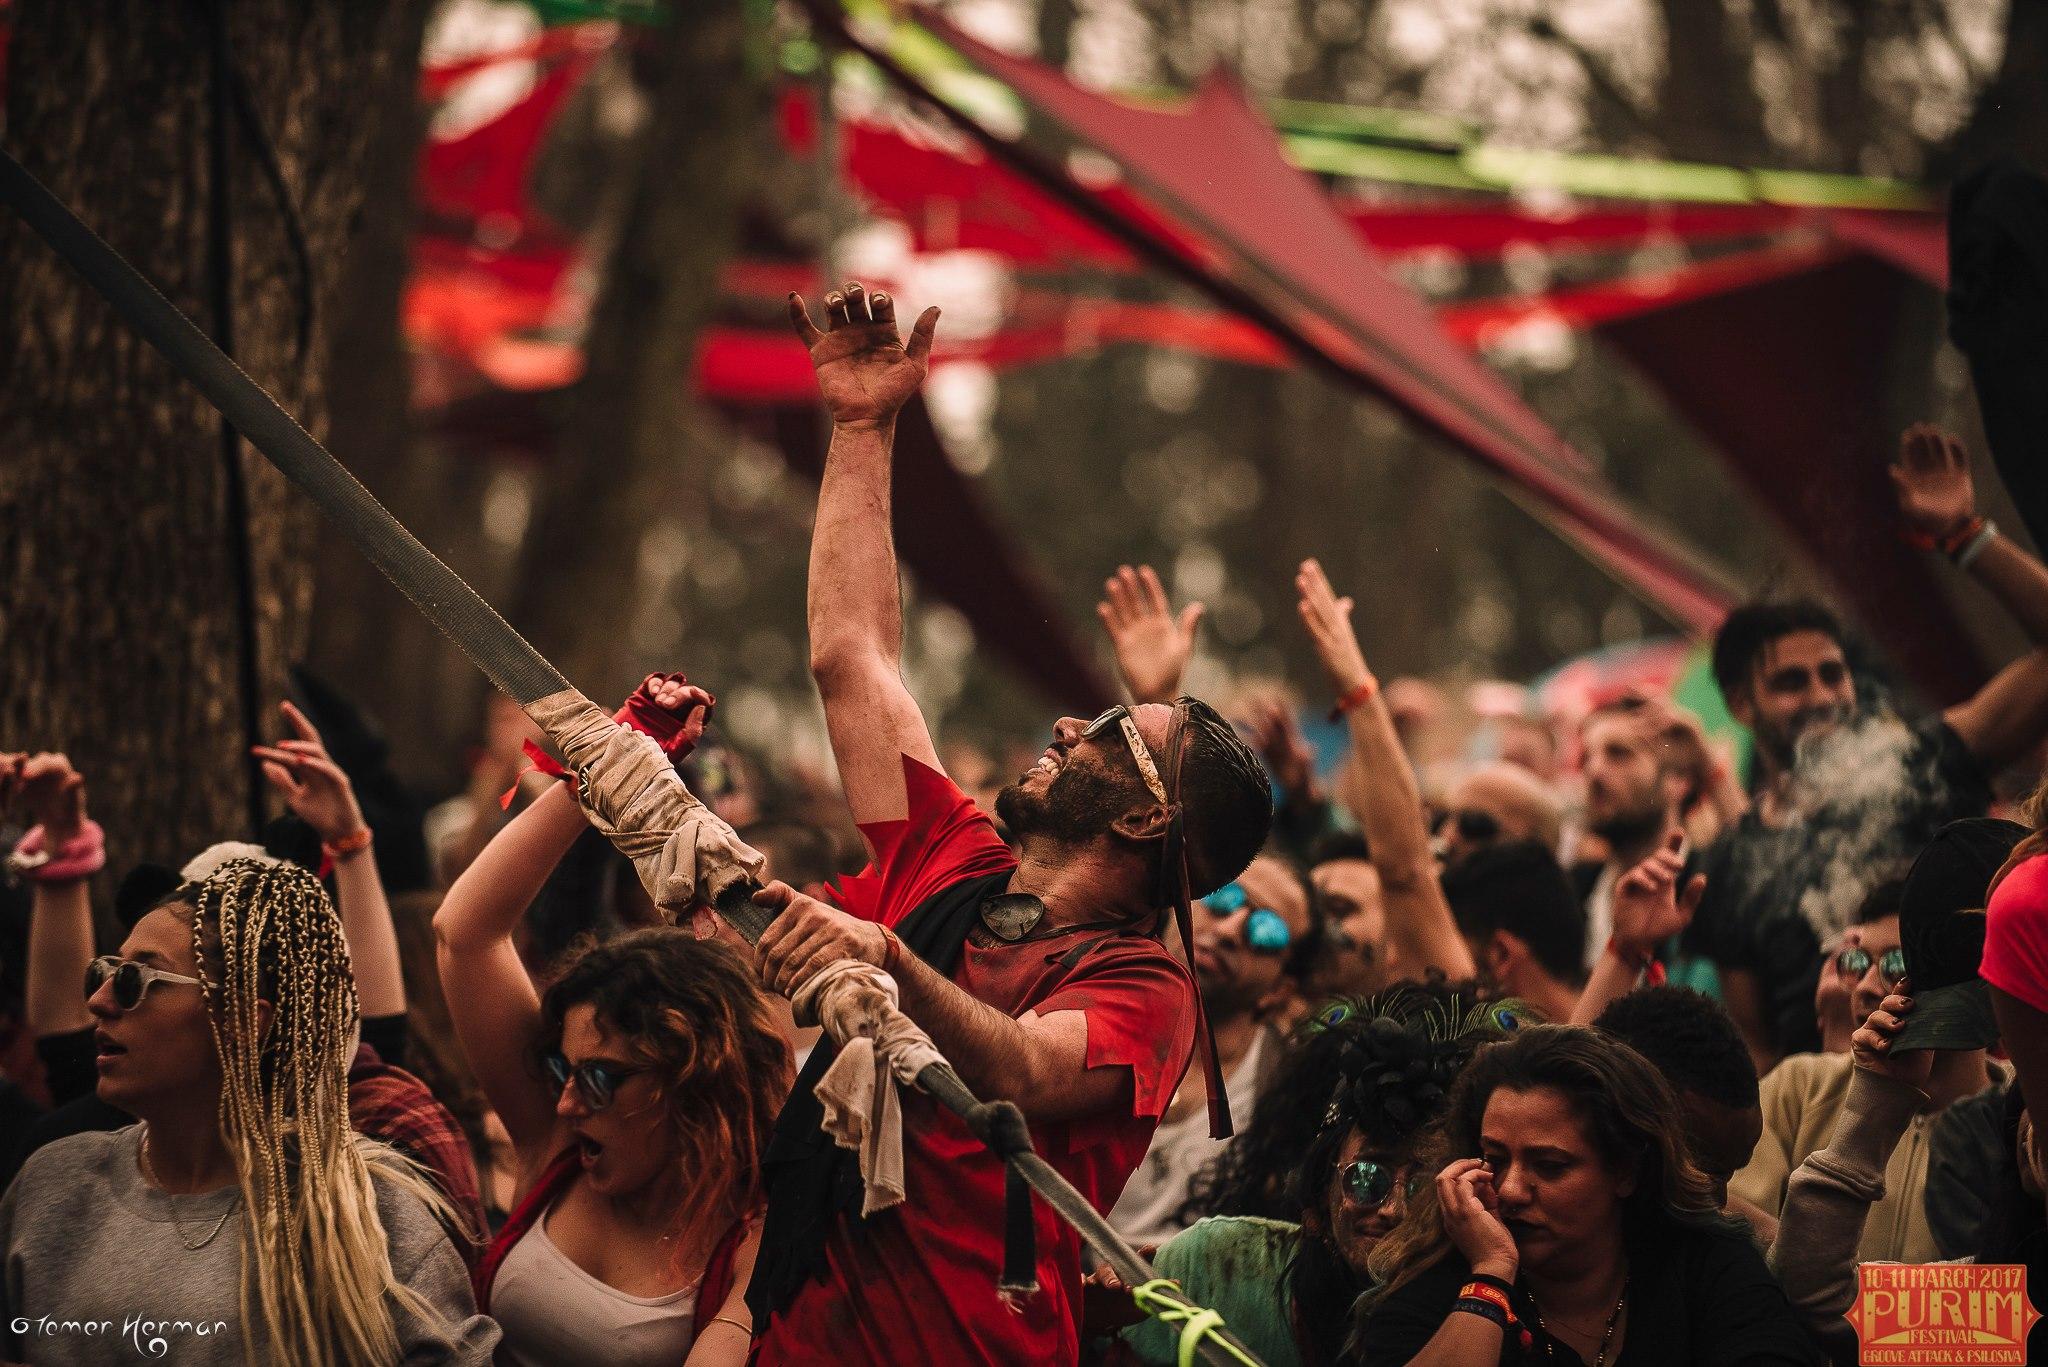 גרובאטאק ופסילוסיבה בפורים פסטיבל טראנס